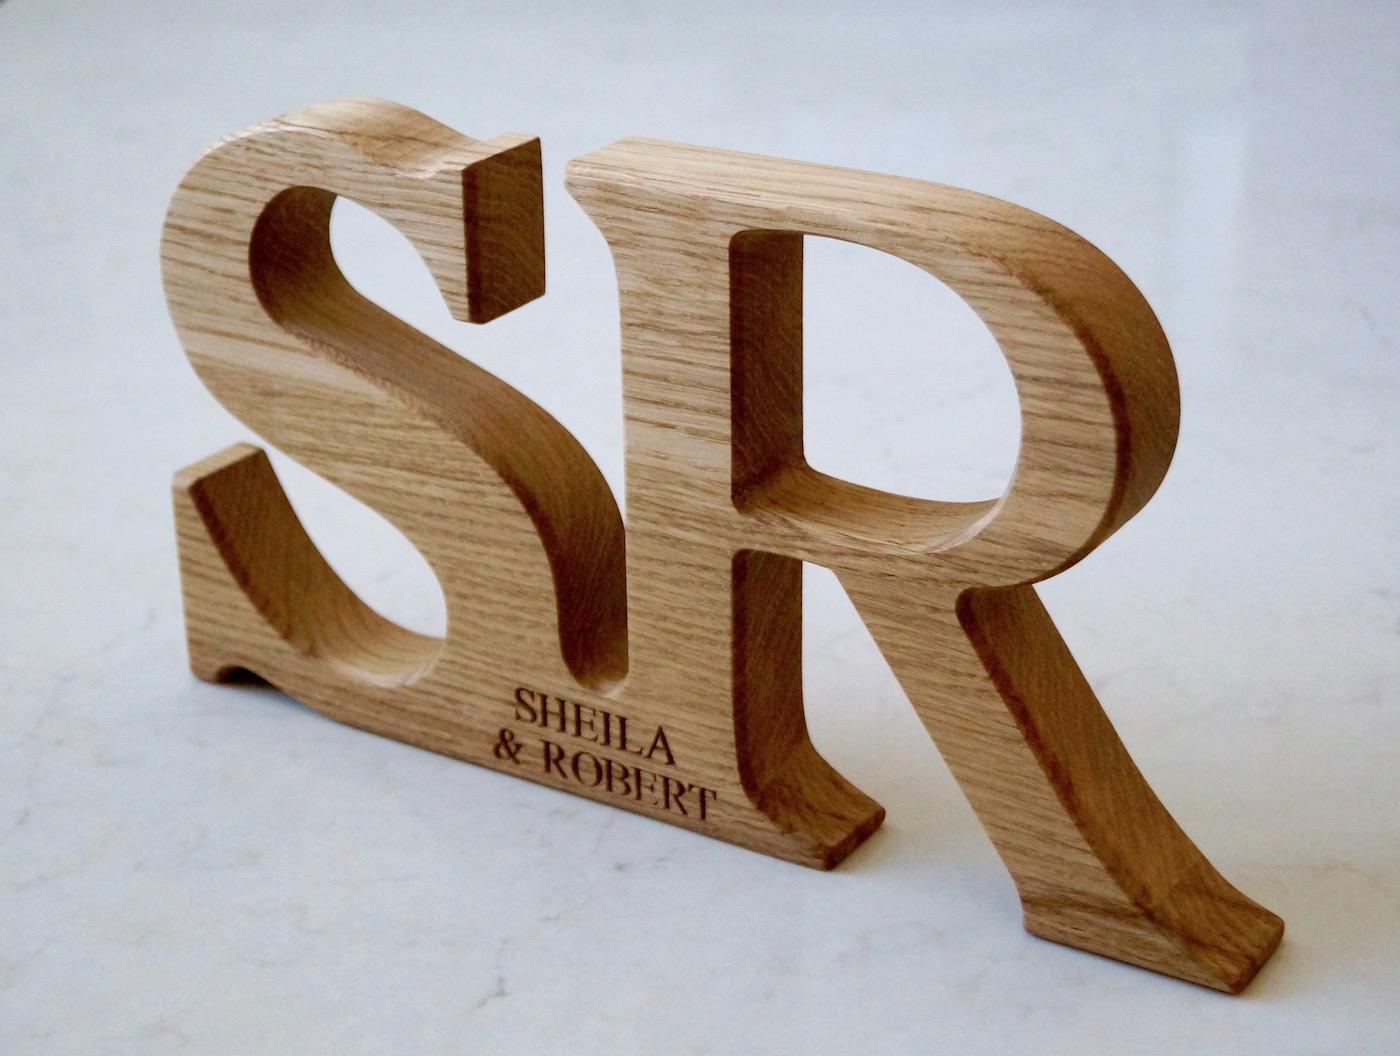 joined-oak-letters-makemesomethingspecial.com